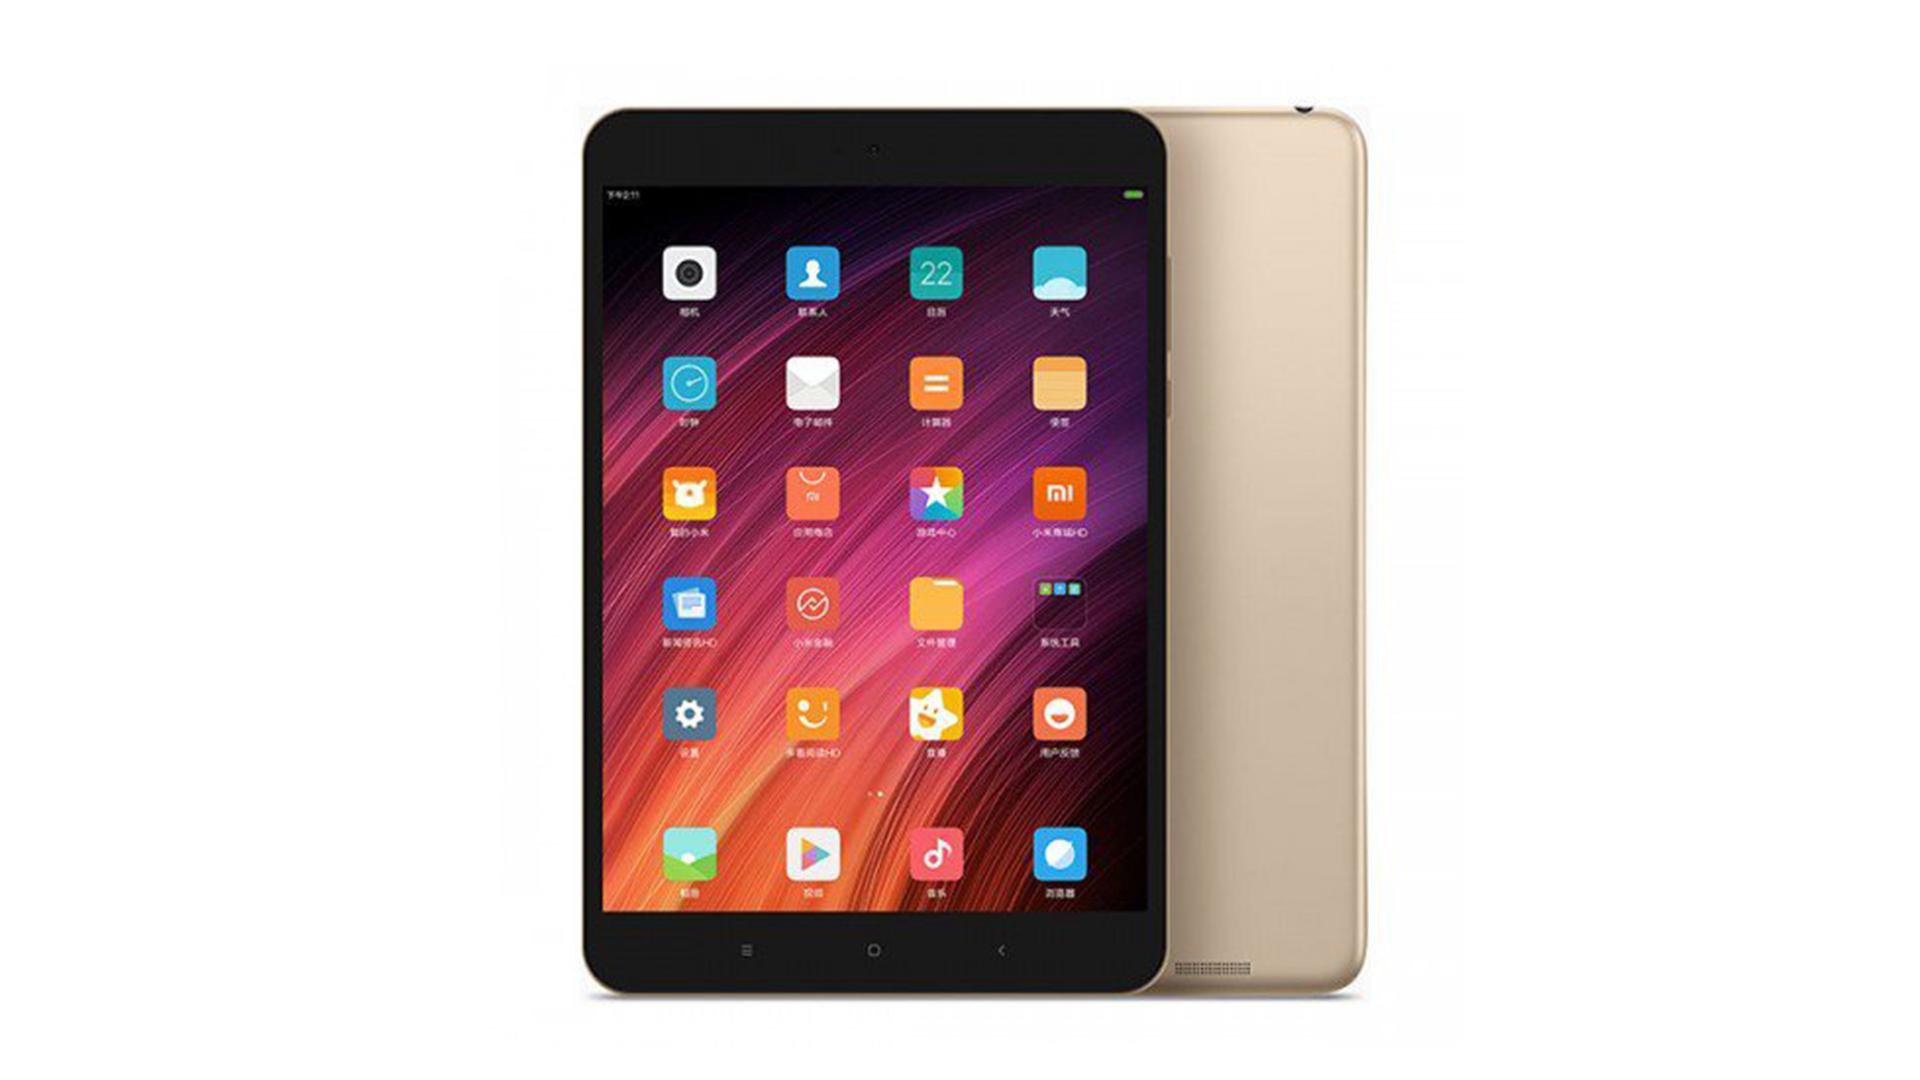 Xiaomi Mi Pad 4 poodhalen, nabídne specifikace střední třídy